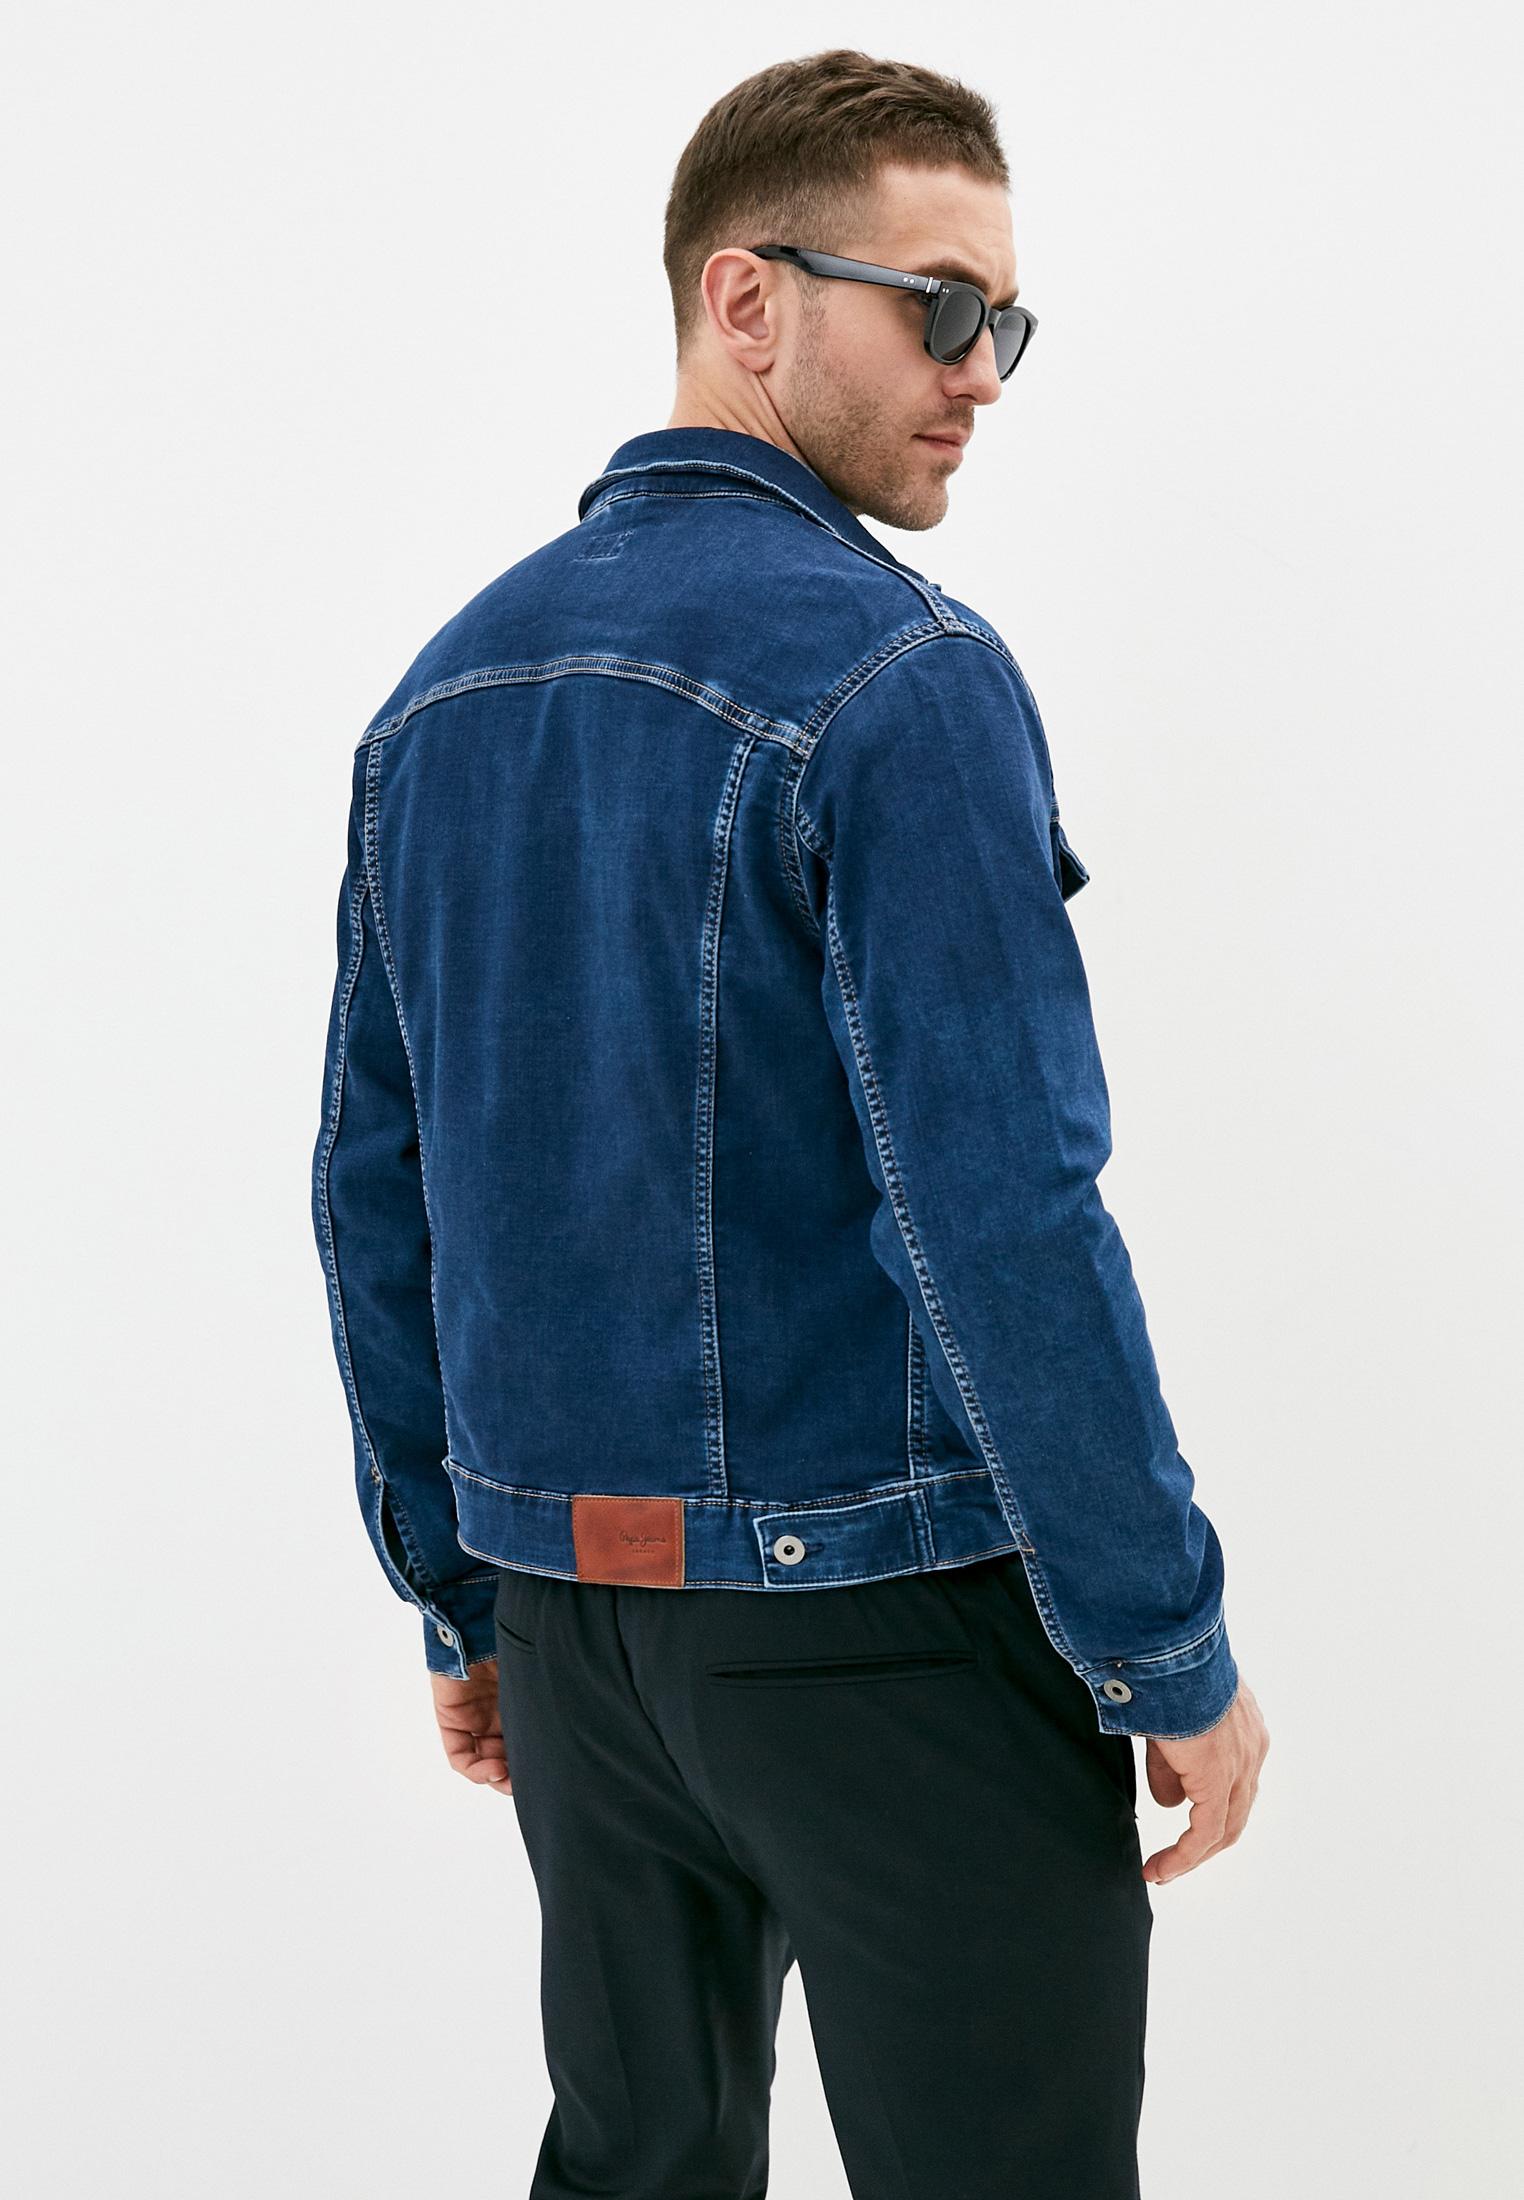 Джинсовая куртка Pepe Jeans (Пепе Джинс) PM400908HG4: изображение 3